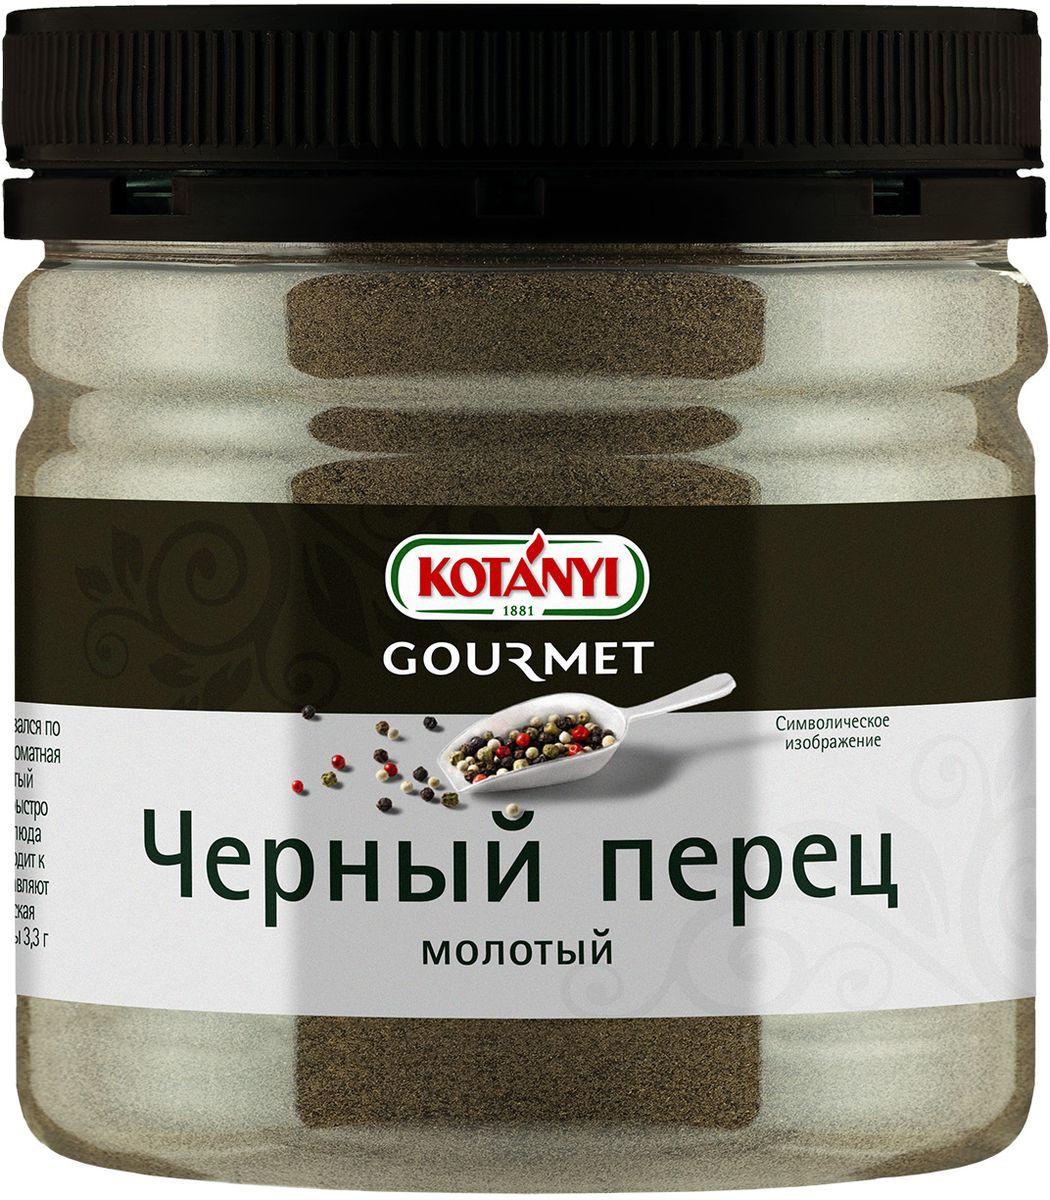 Kotanyi Черный перец молотый, 180 г по вкусу перец красный молотый 30 г